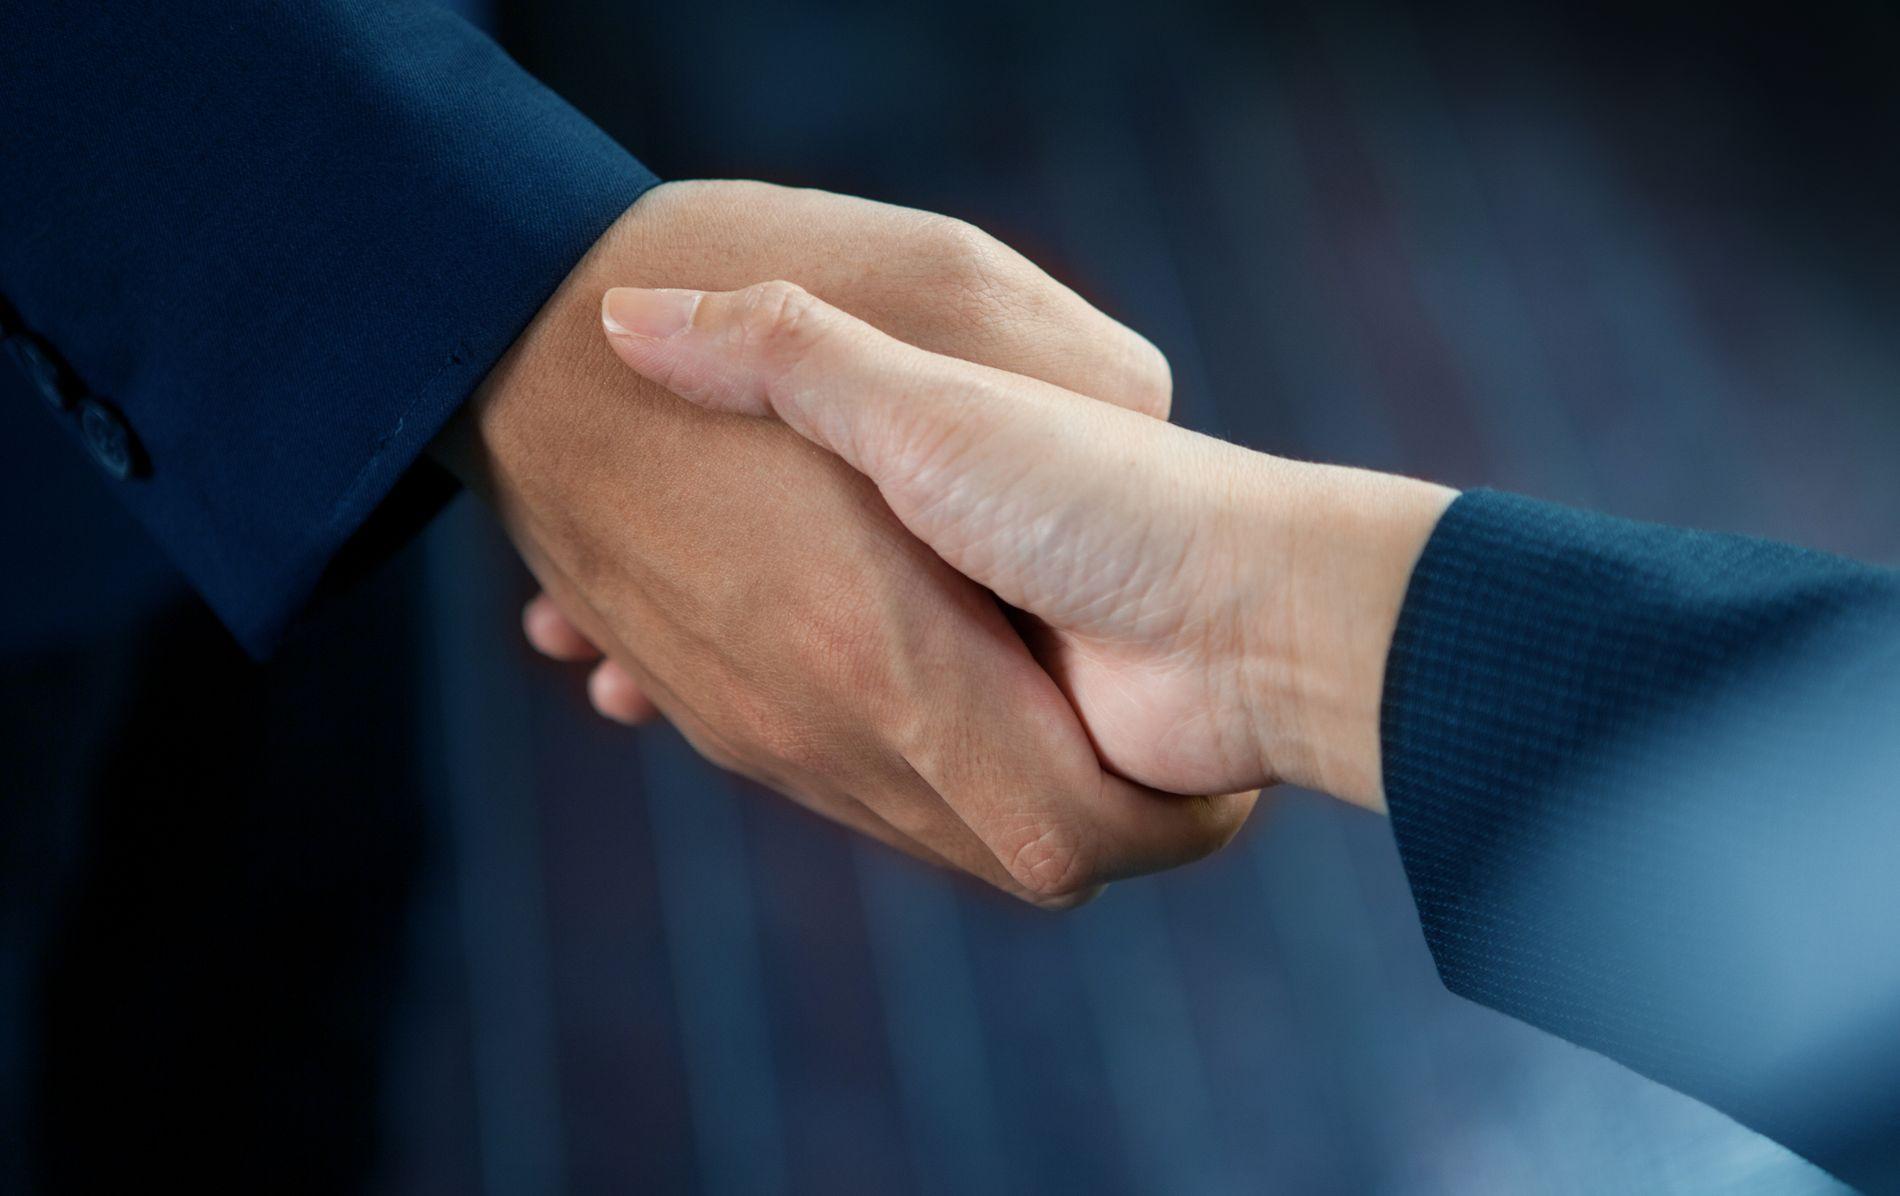 OMSTRIDT: Skal det være lov å nekte å håndhilse på kvinner? Spørsmålet har utløst debatt denne uken.